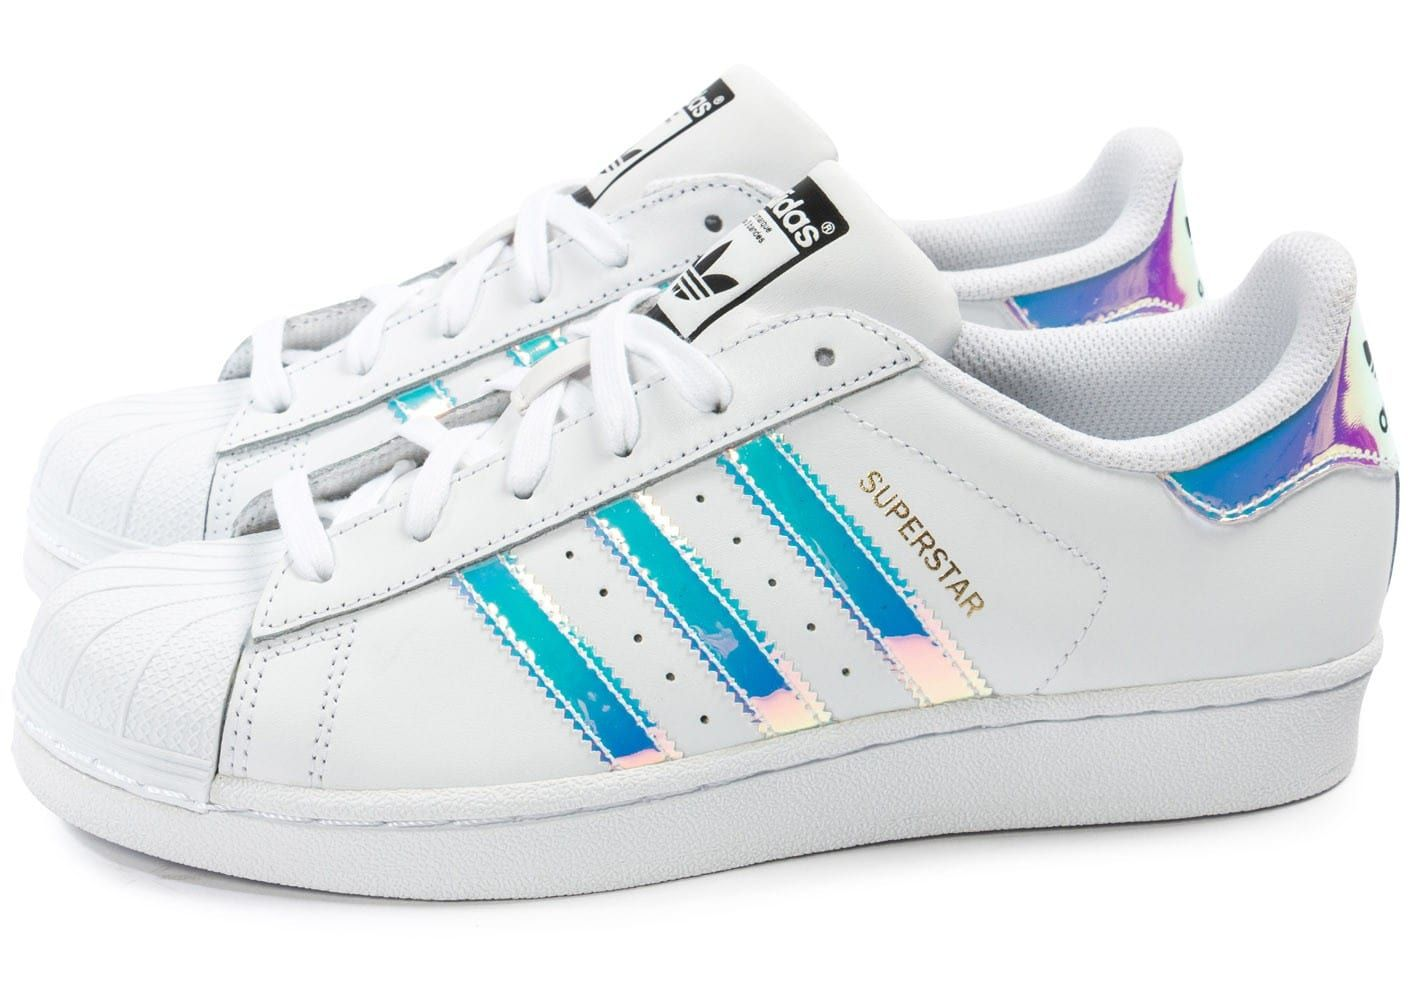 Chaussures adidas Superstar Irisée Junior vue extérieure